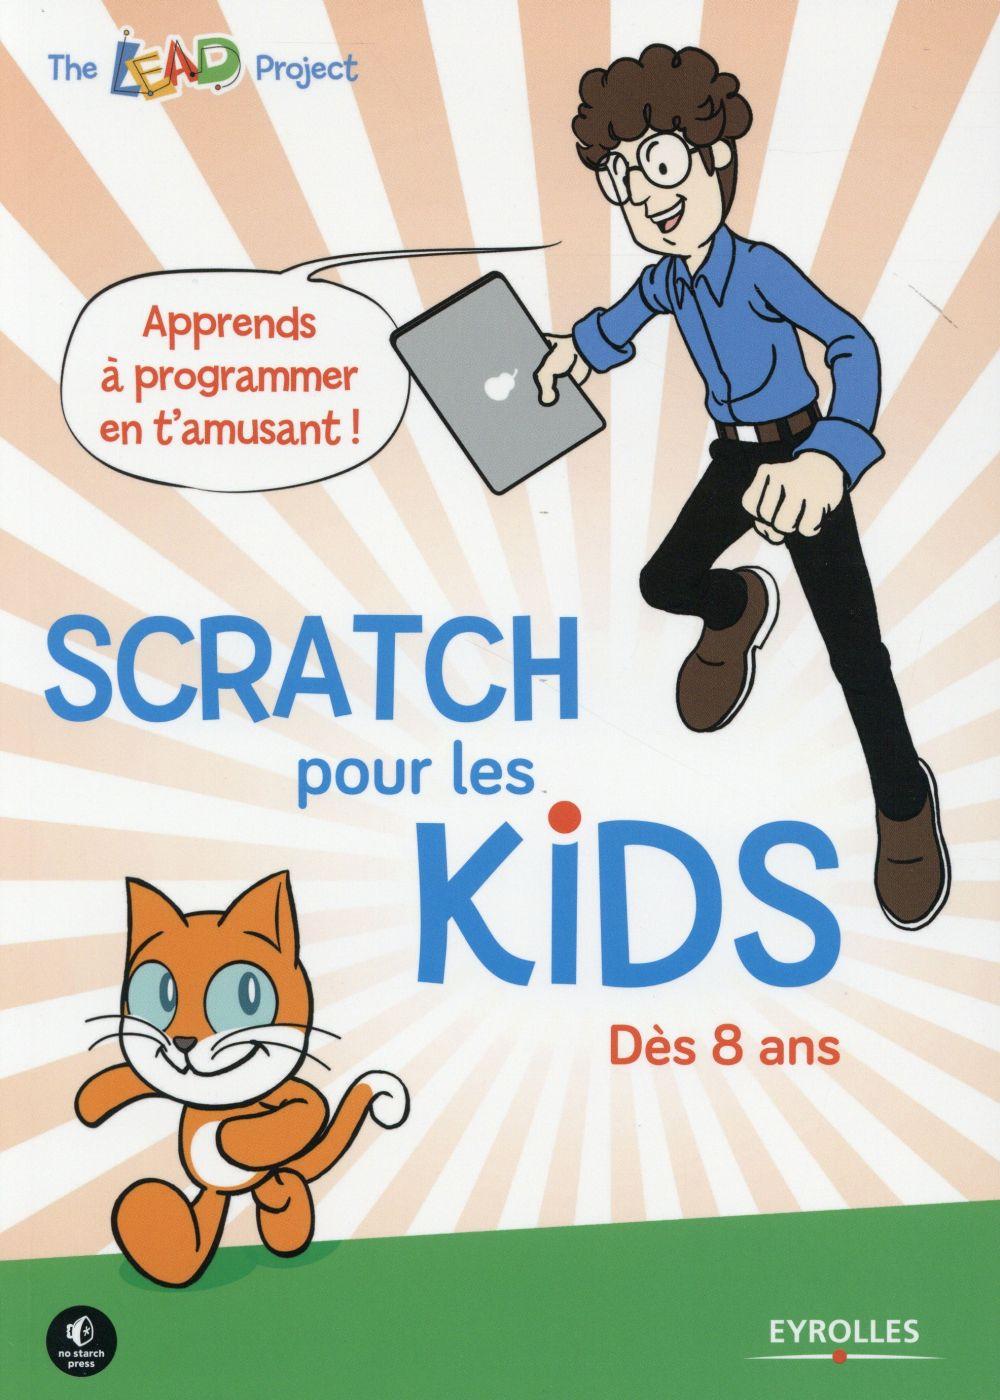 SCRATCH POUR LES KIDS  DES 8 ANS - DES 8 ANS.